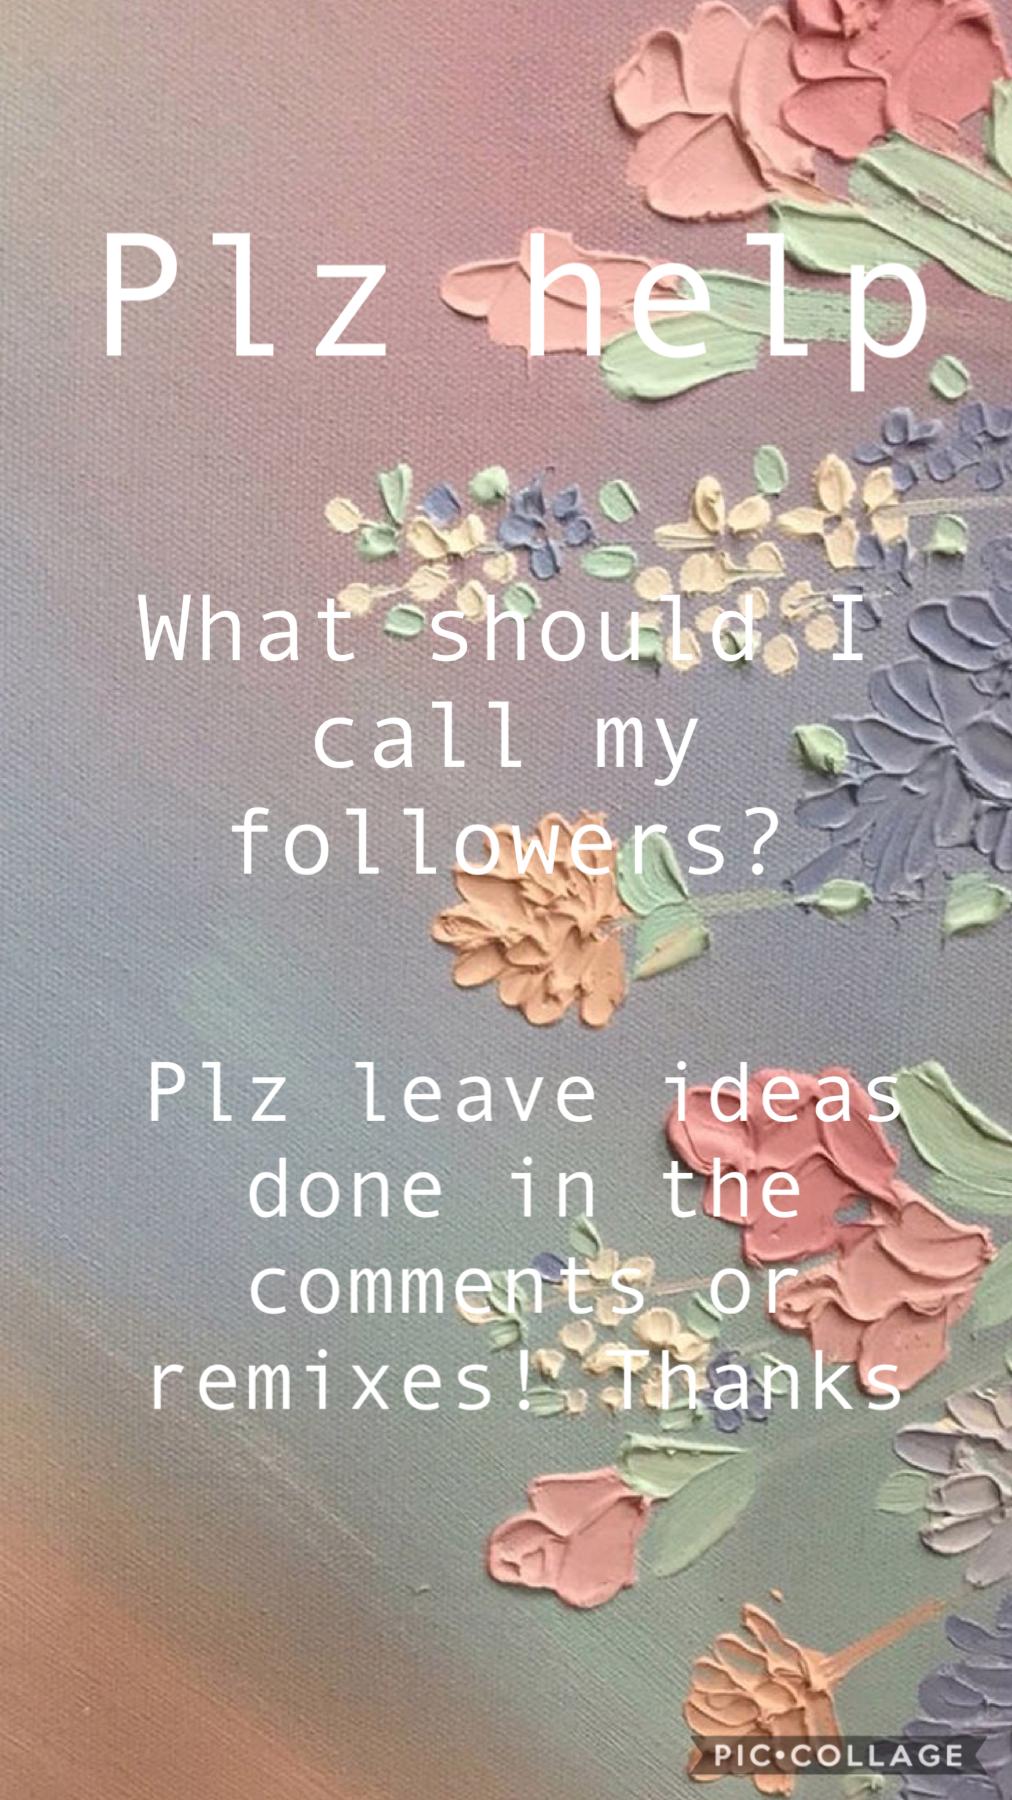 Plz leave a comment or remix!!